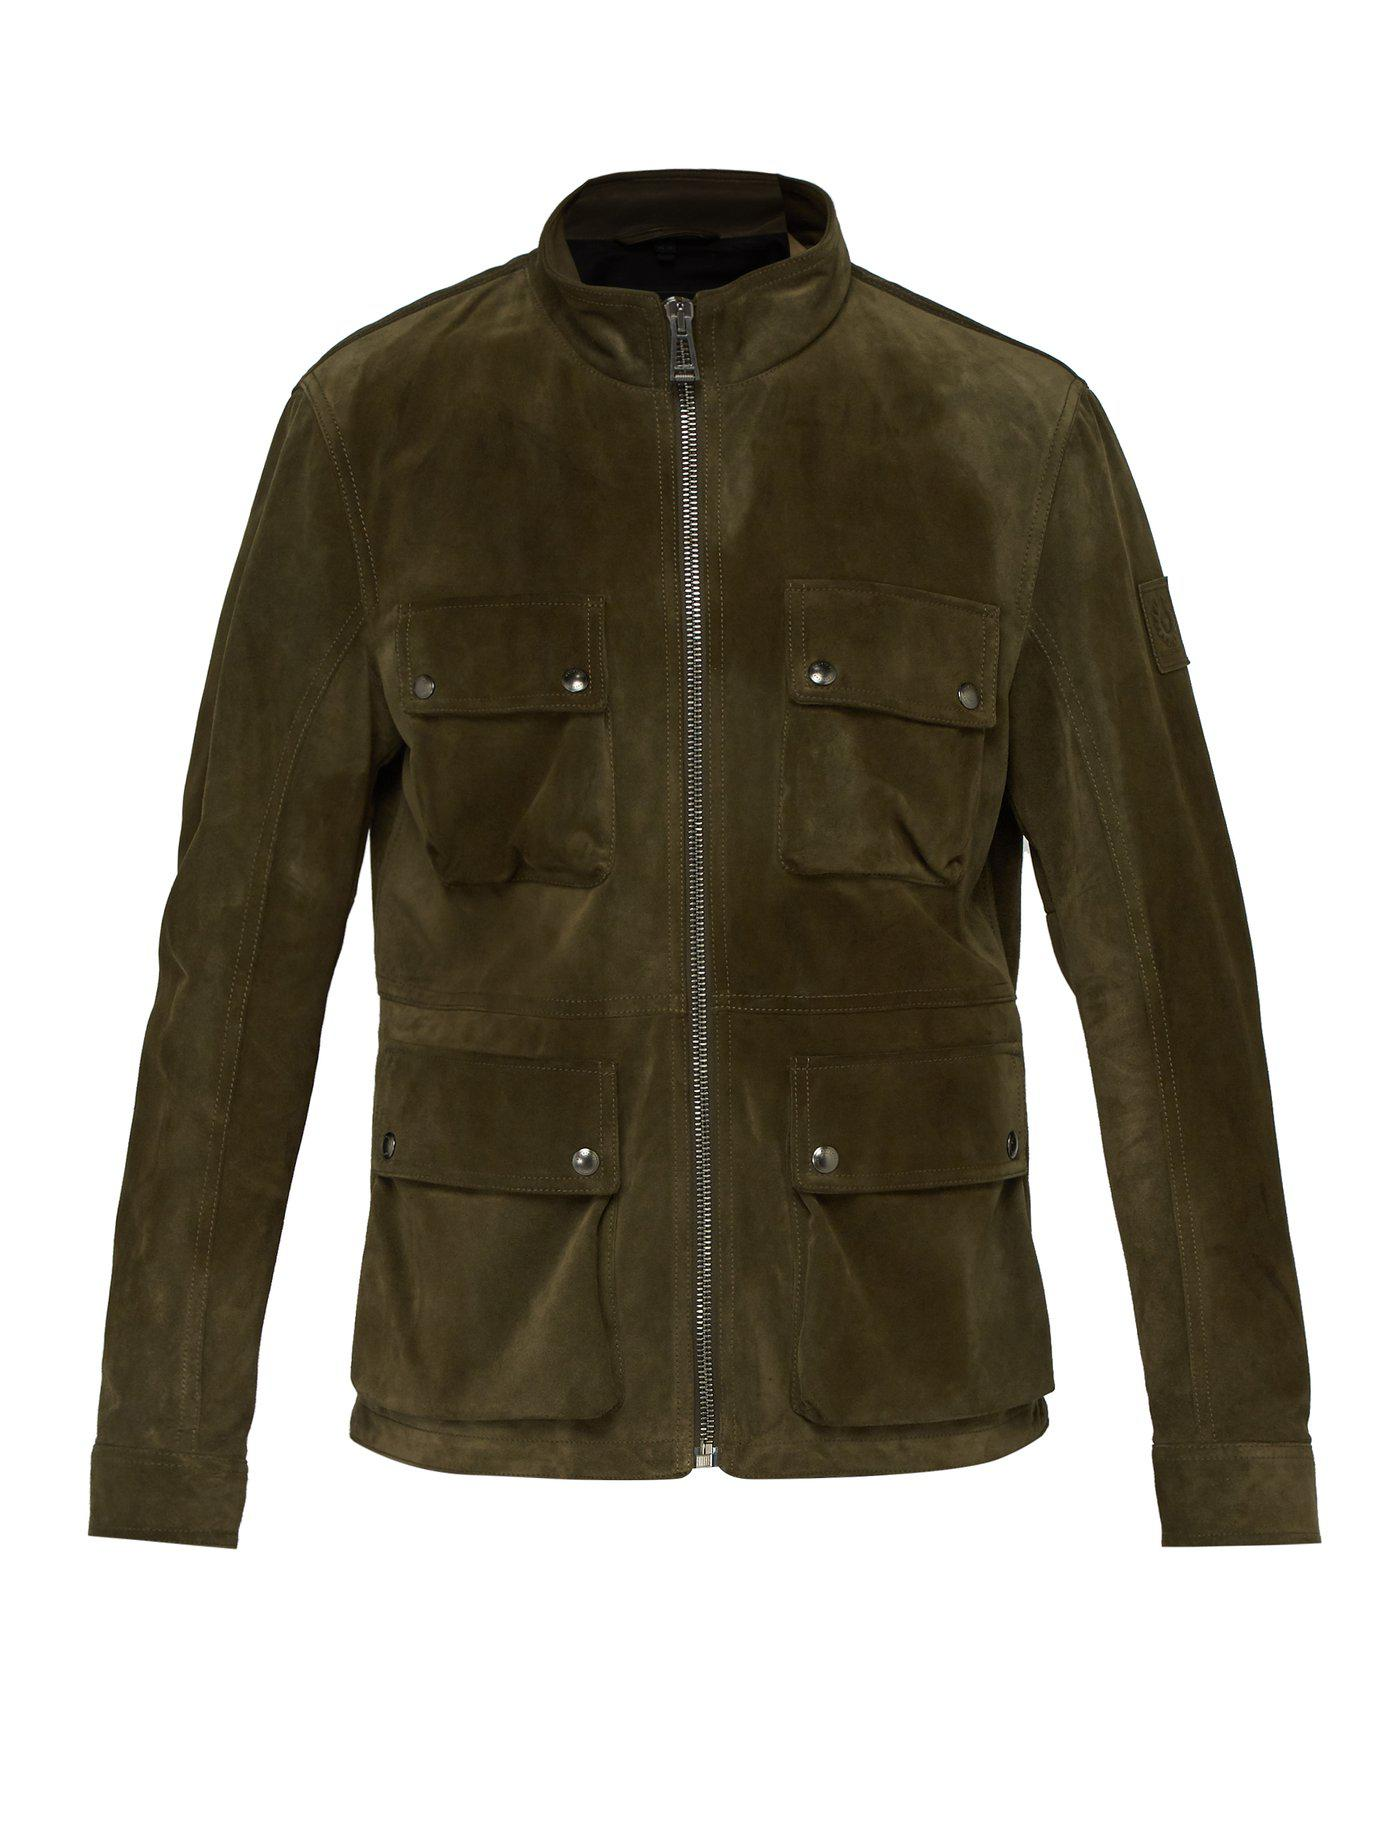 39b035f50e29 Lyst - Belstaff Brad Four Pocket Suede Field Jacket in Green for Men